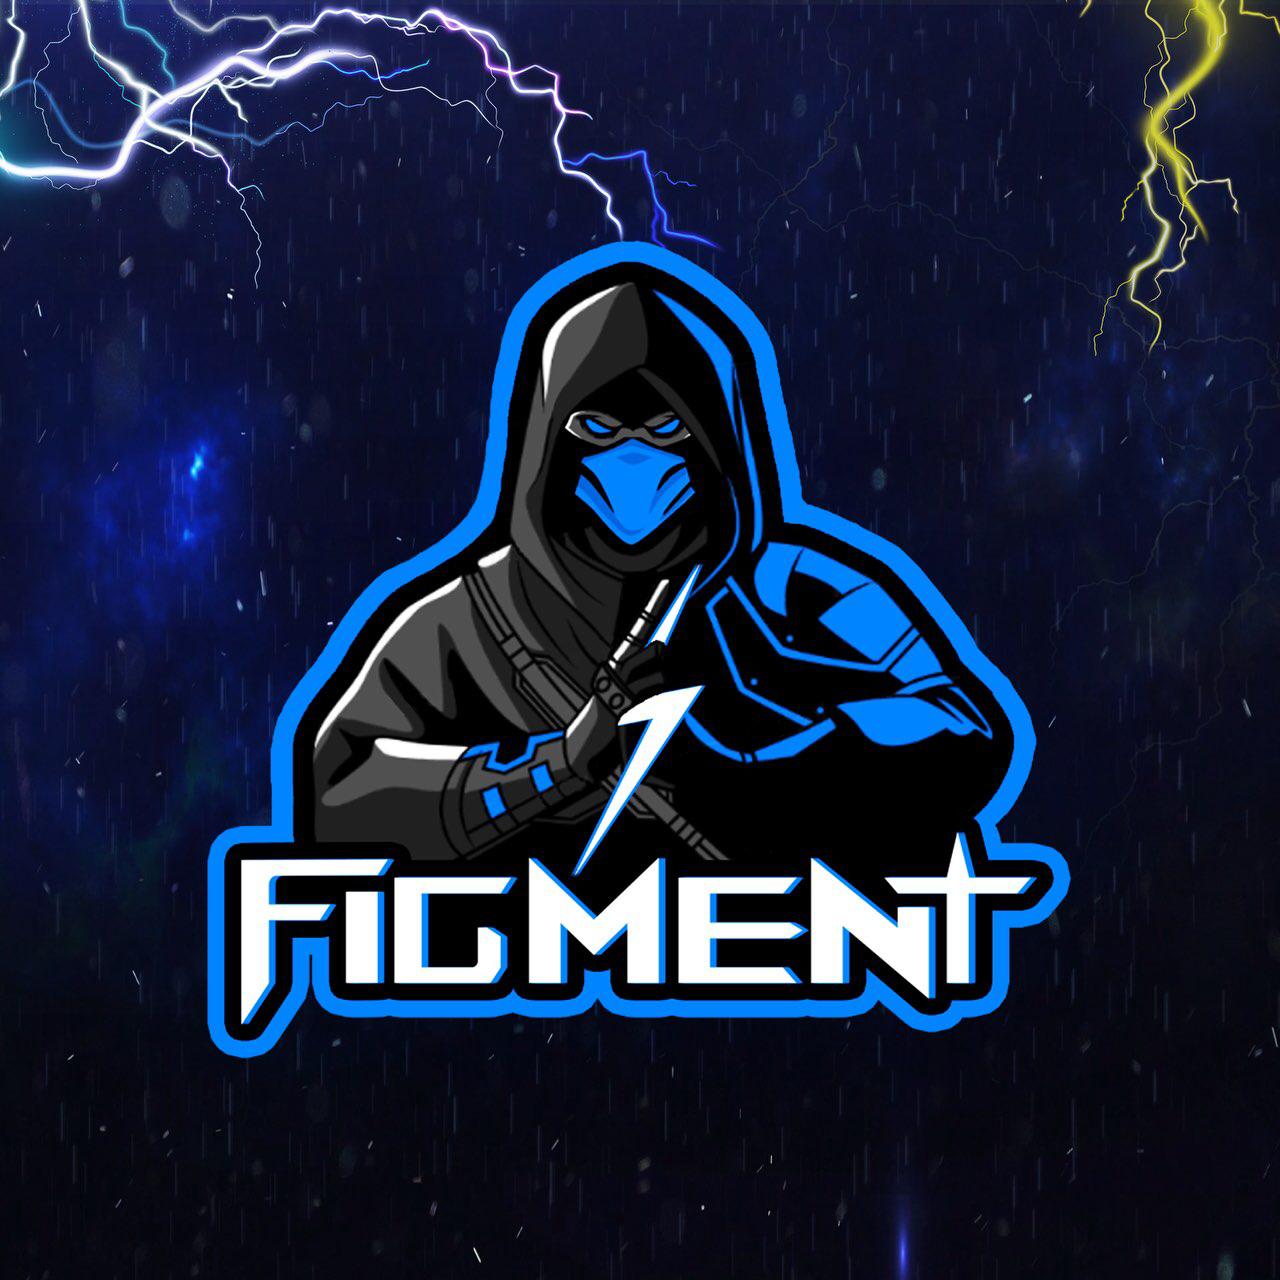 mc_figment